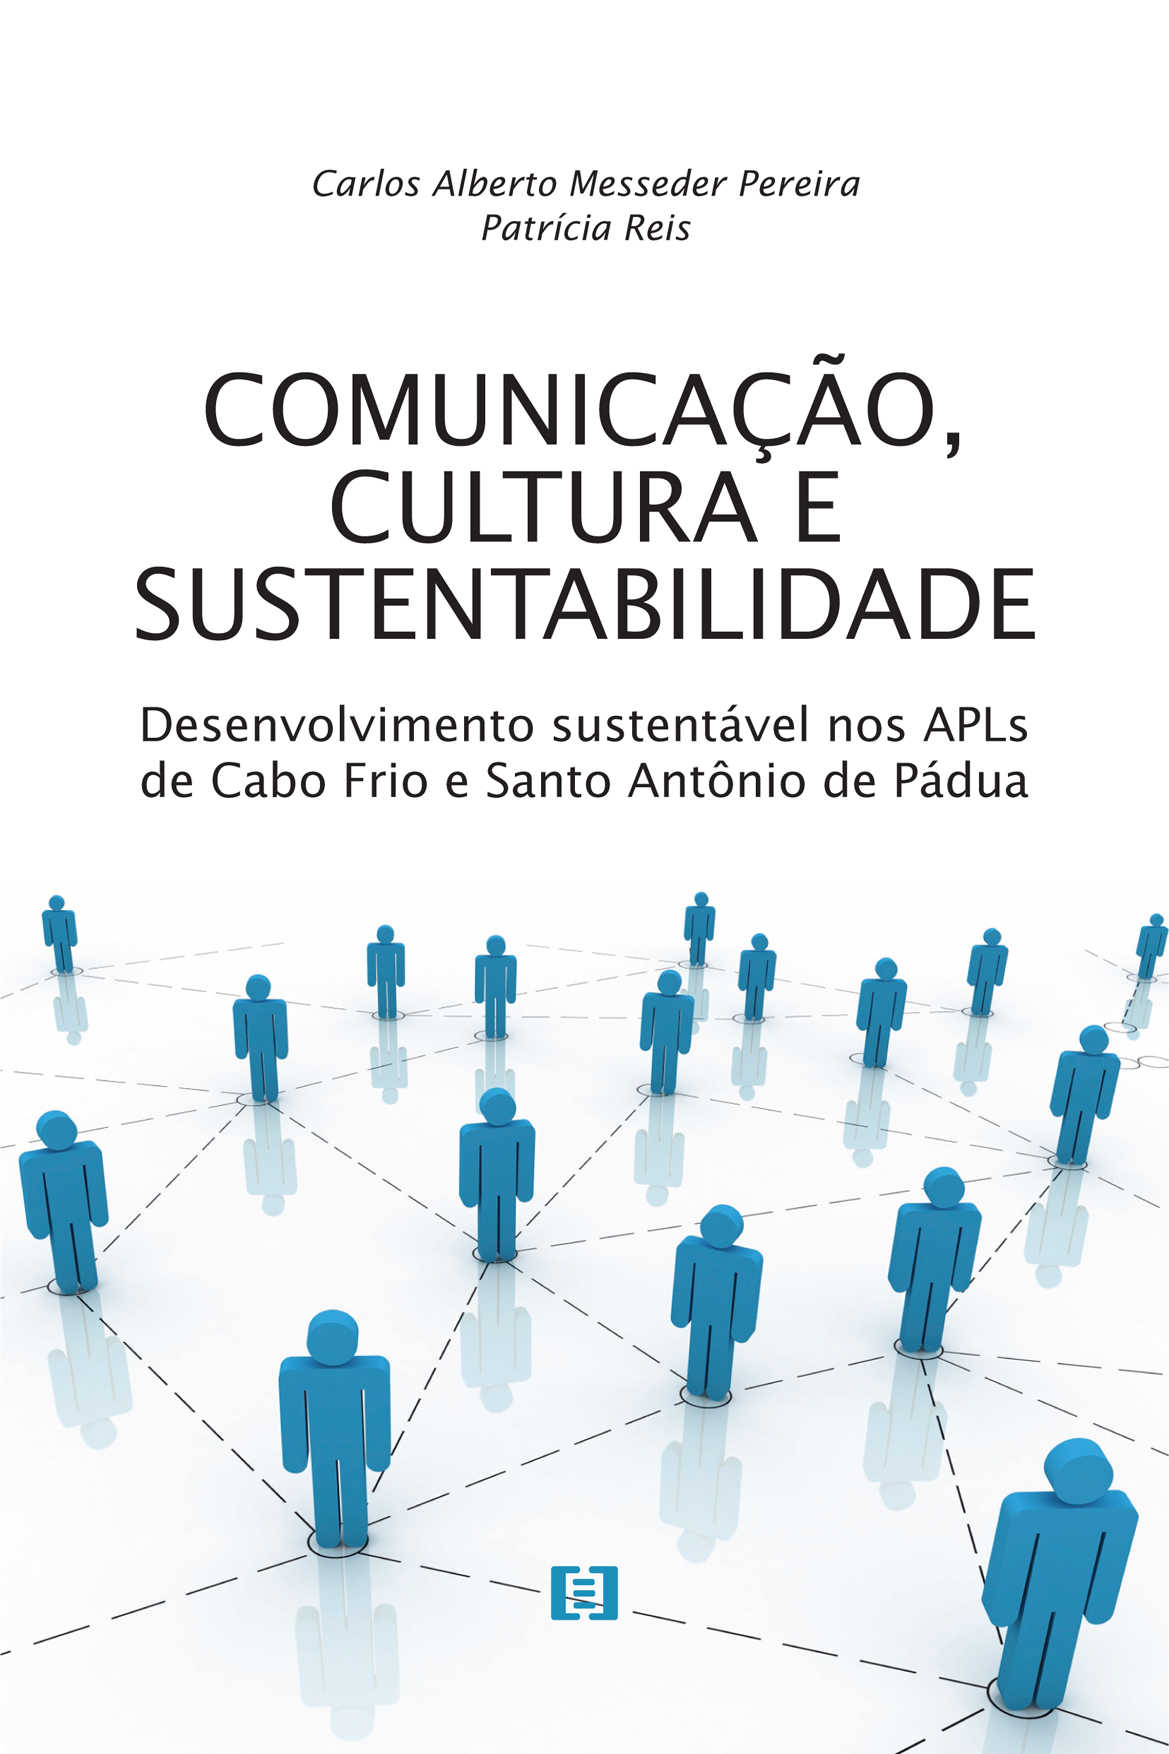 Comunicação, cultura e sustentabilidade: Desenvolvimento sustentável nos APLs de Cabo Frio e Santo Antonio de Pádua